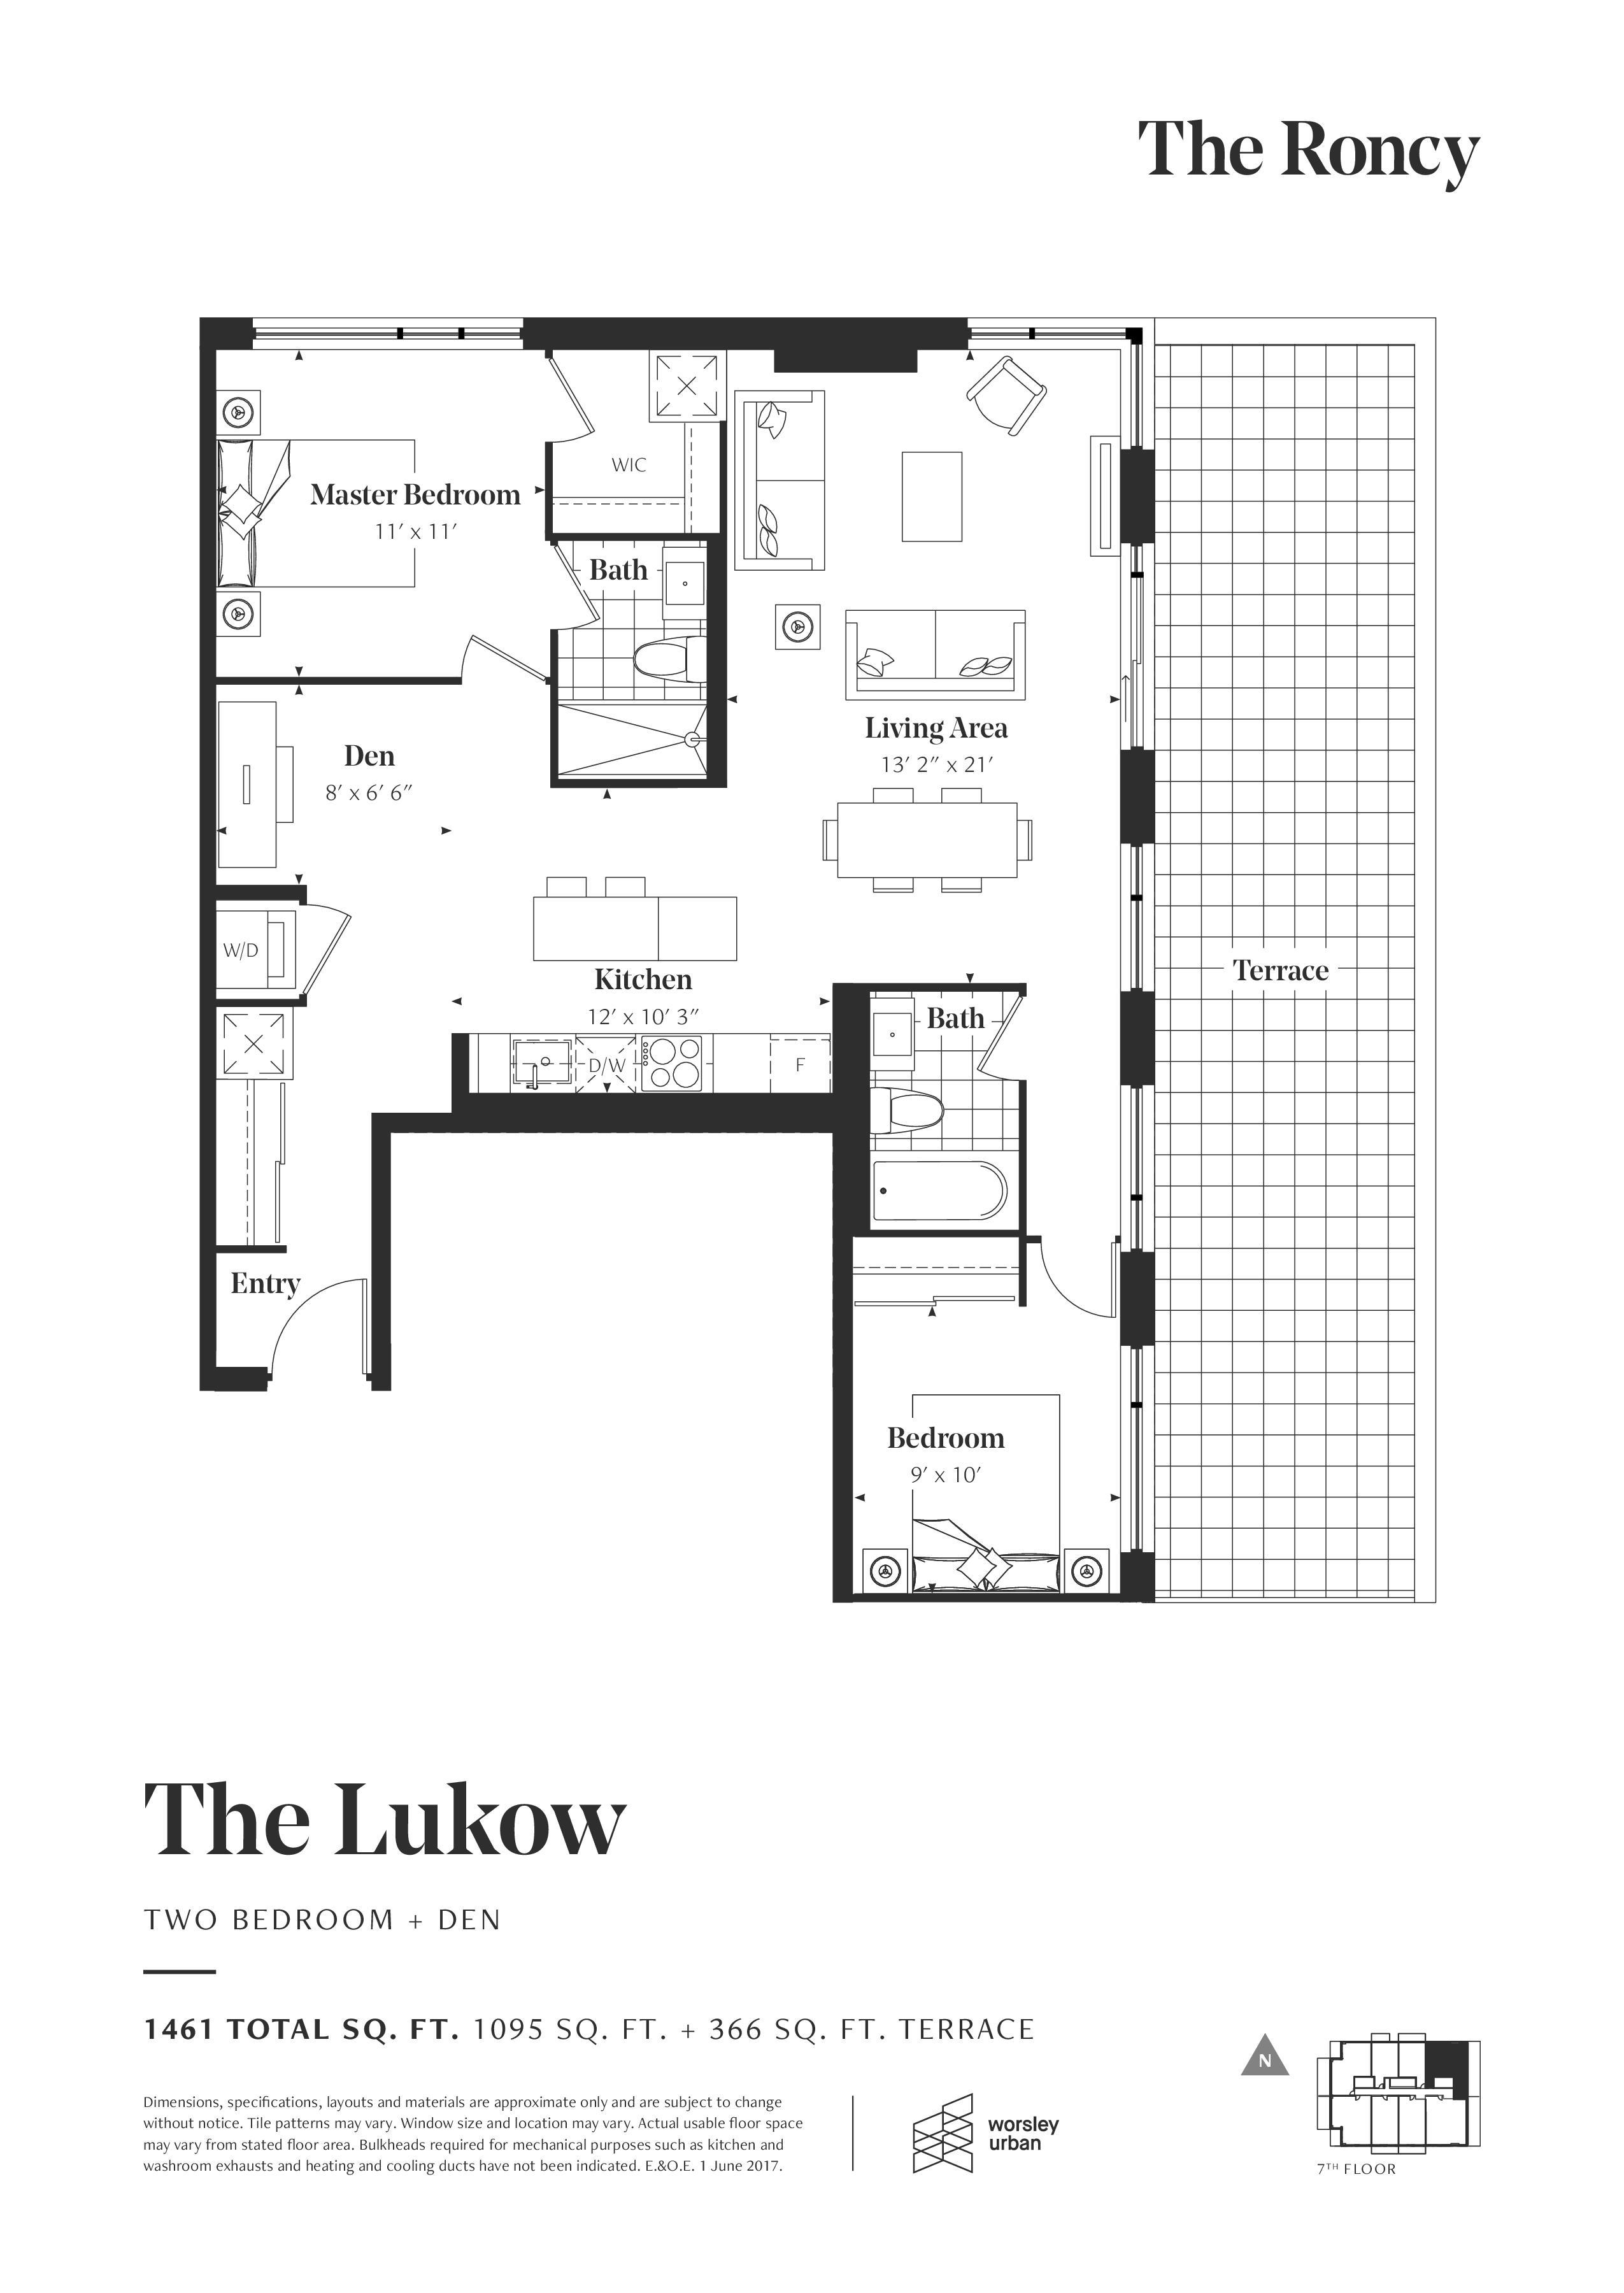 The Lukow